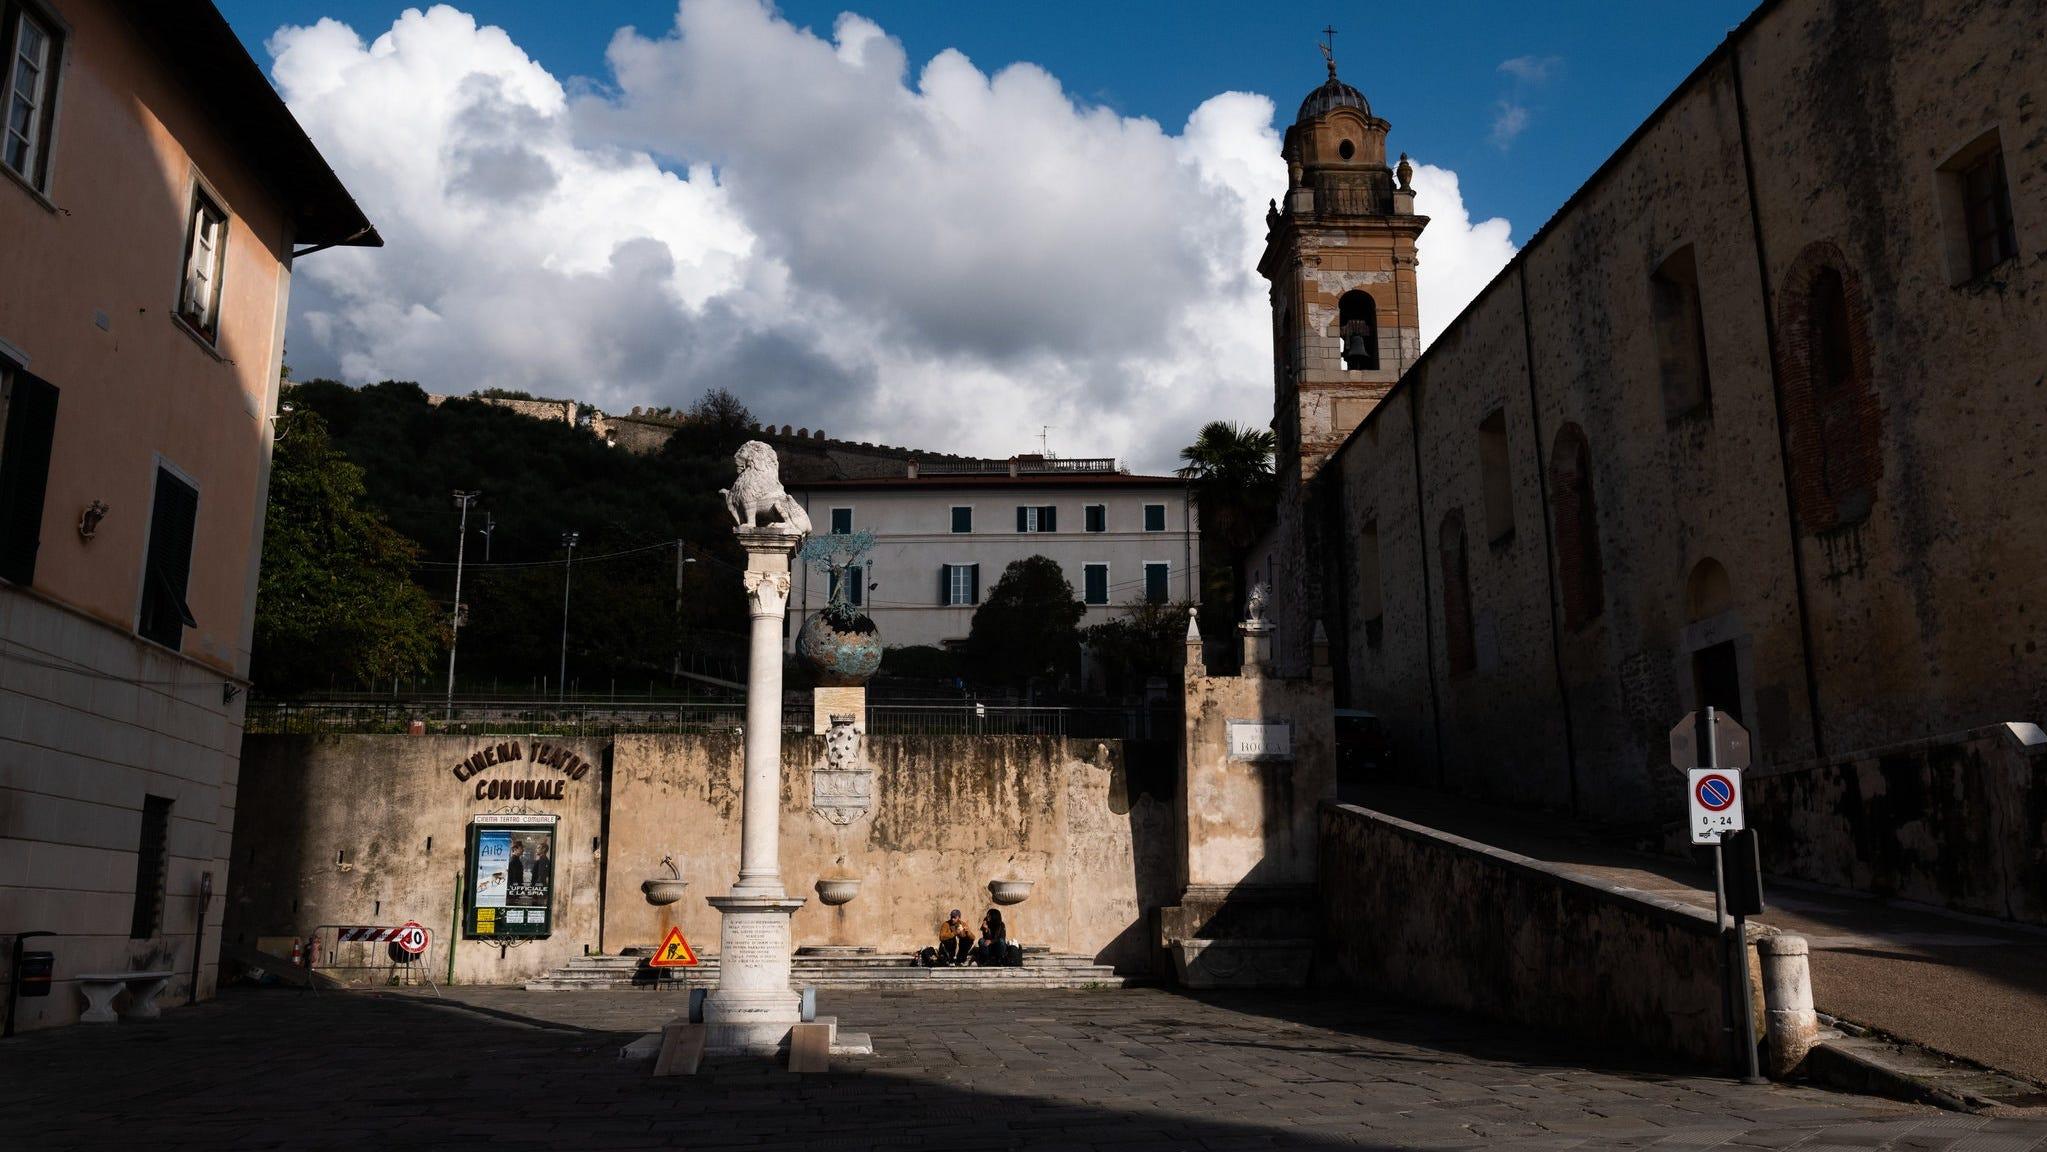 A glimpse of the area outside Nilda Comas' art studio in Italy.